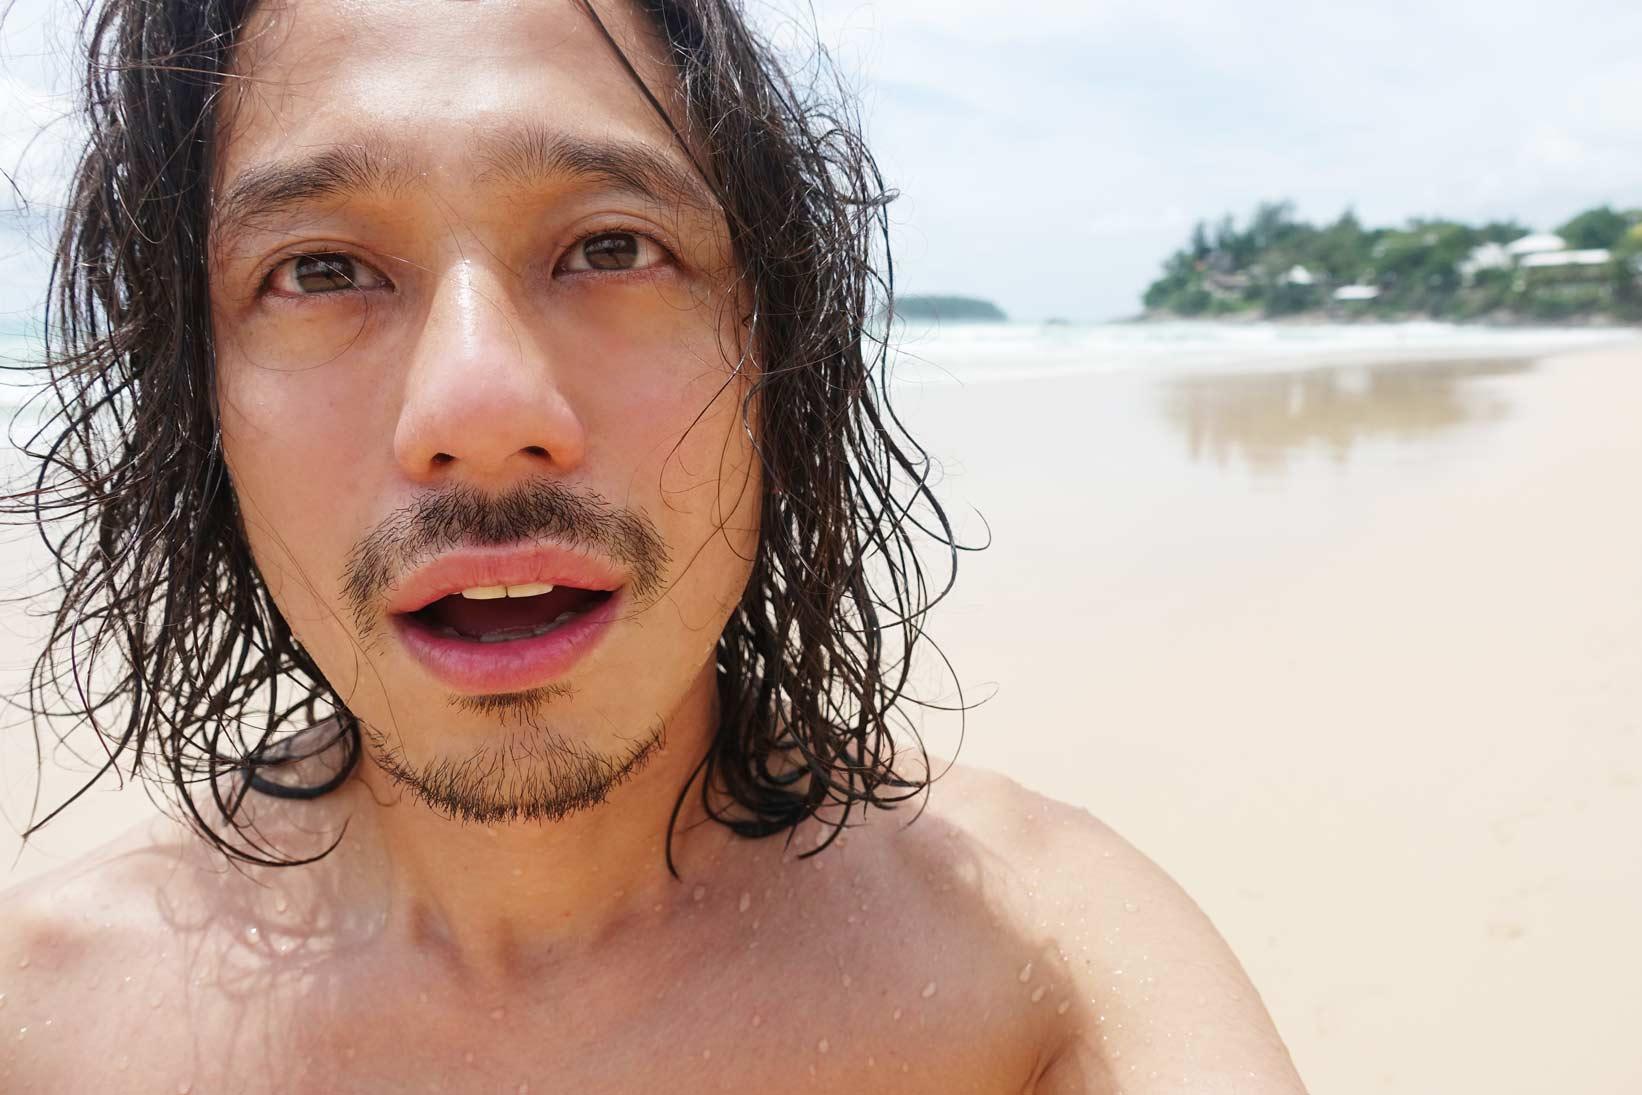 [楽園はここにあった]タイ・プーケット島で過ごす夏休み初日[羽田からスワンナプーム経由で10時間]